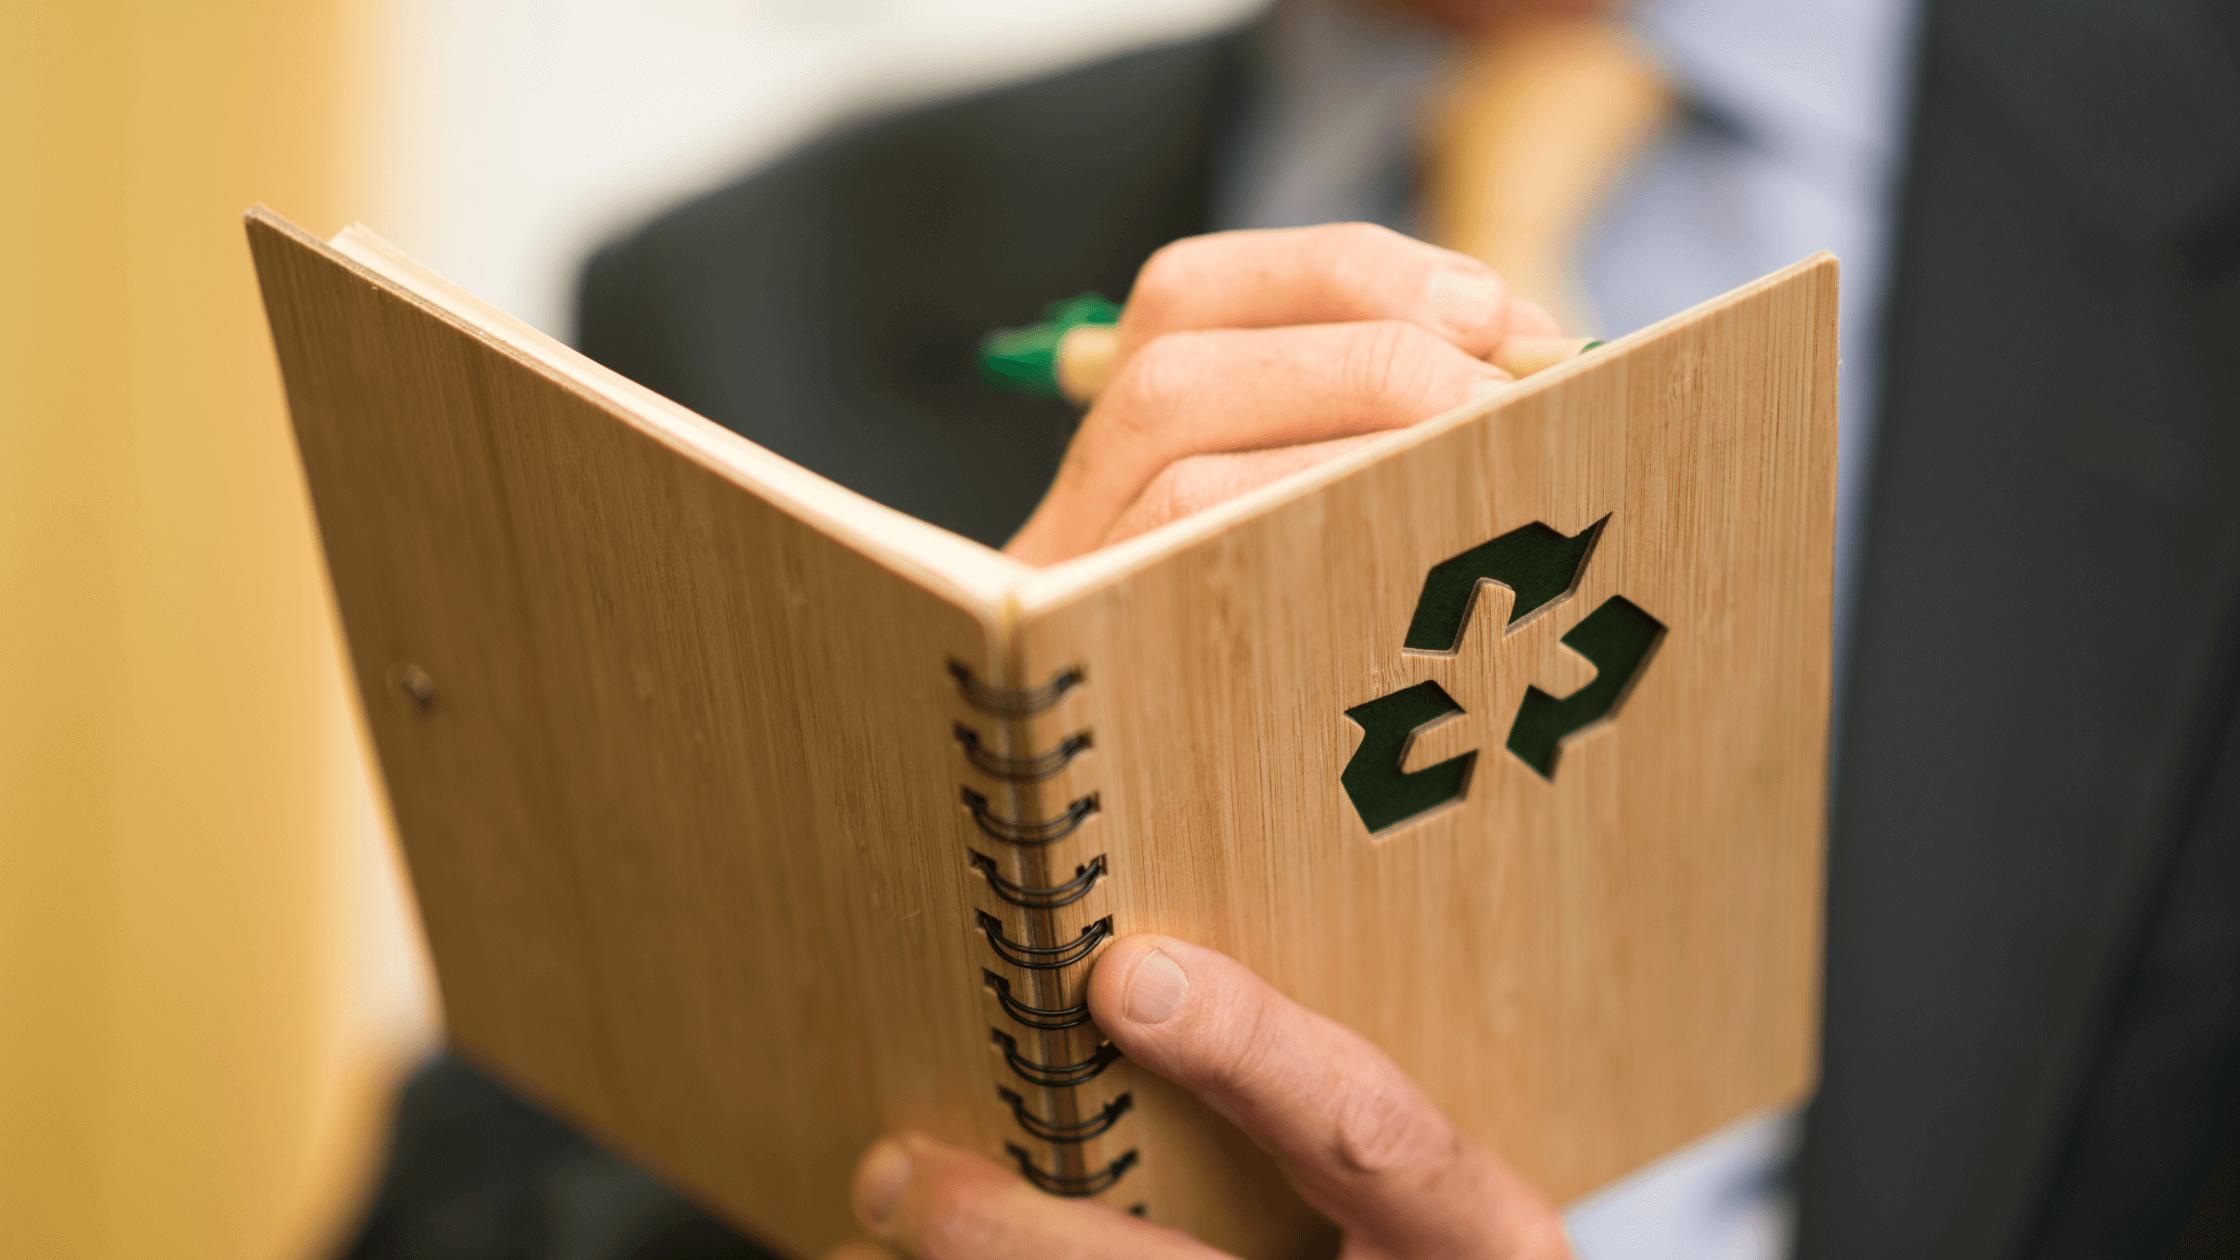 Vantagem competitiva sustentável: Aprenda a aplicá-la ao seu negócio